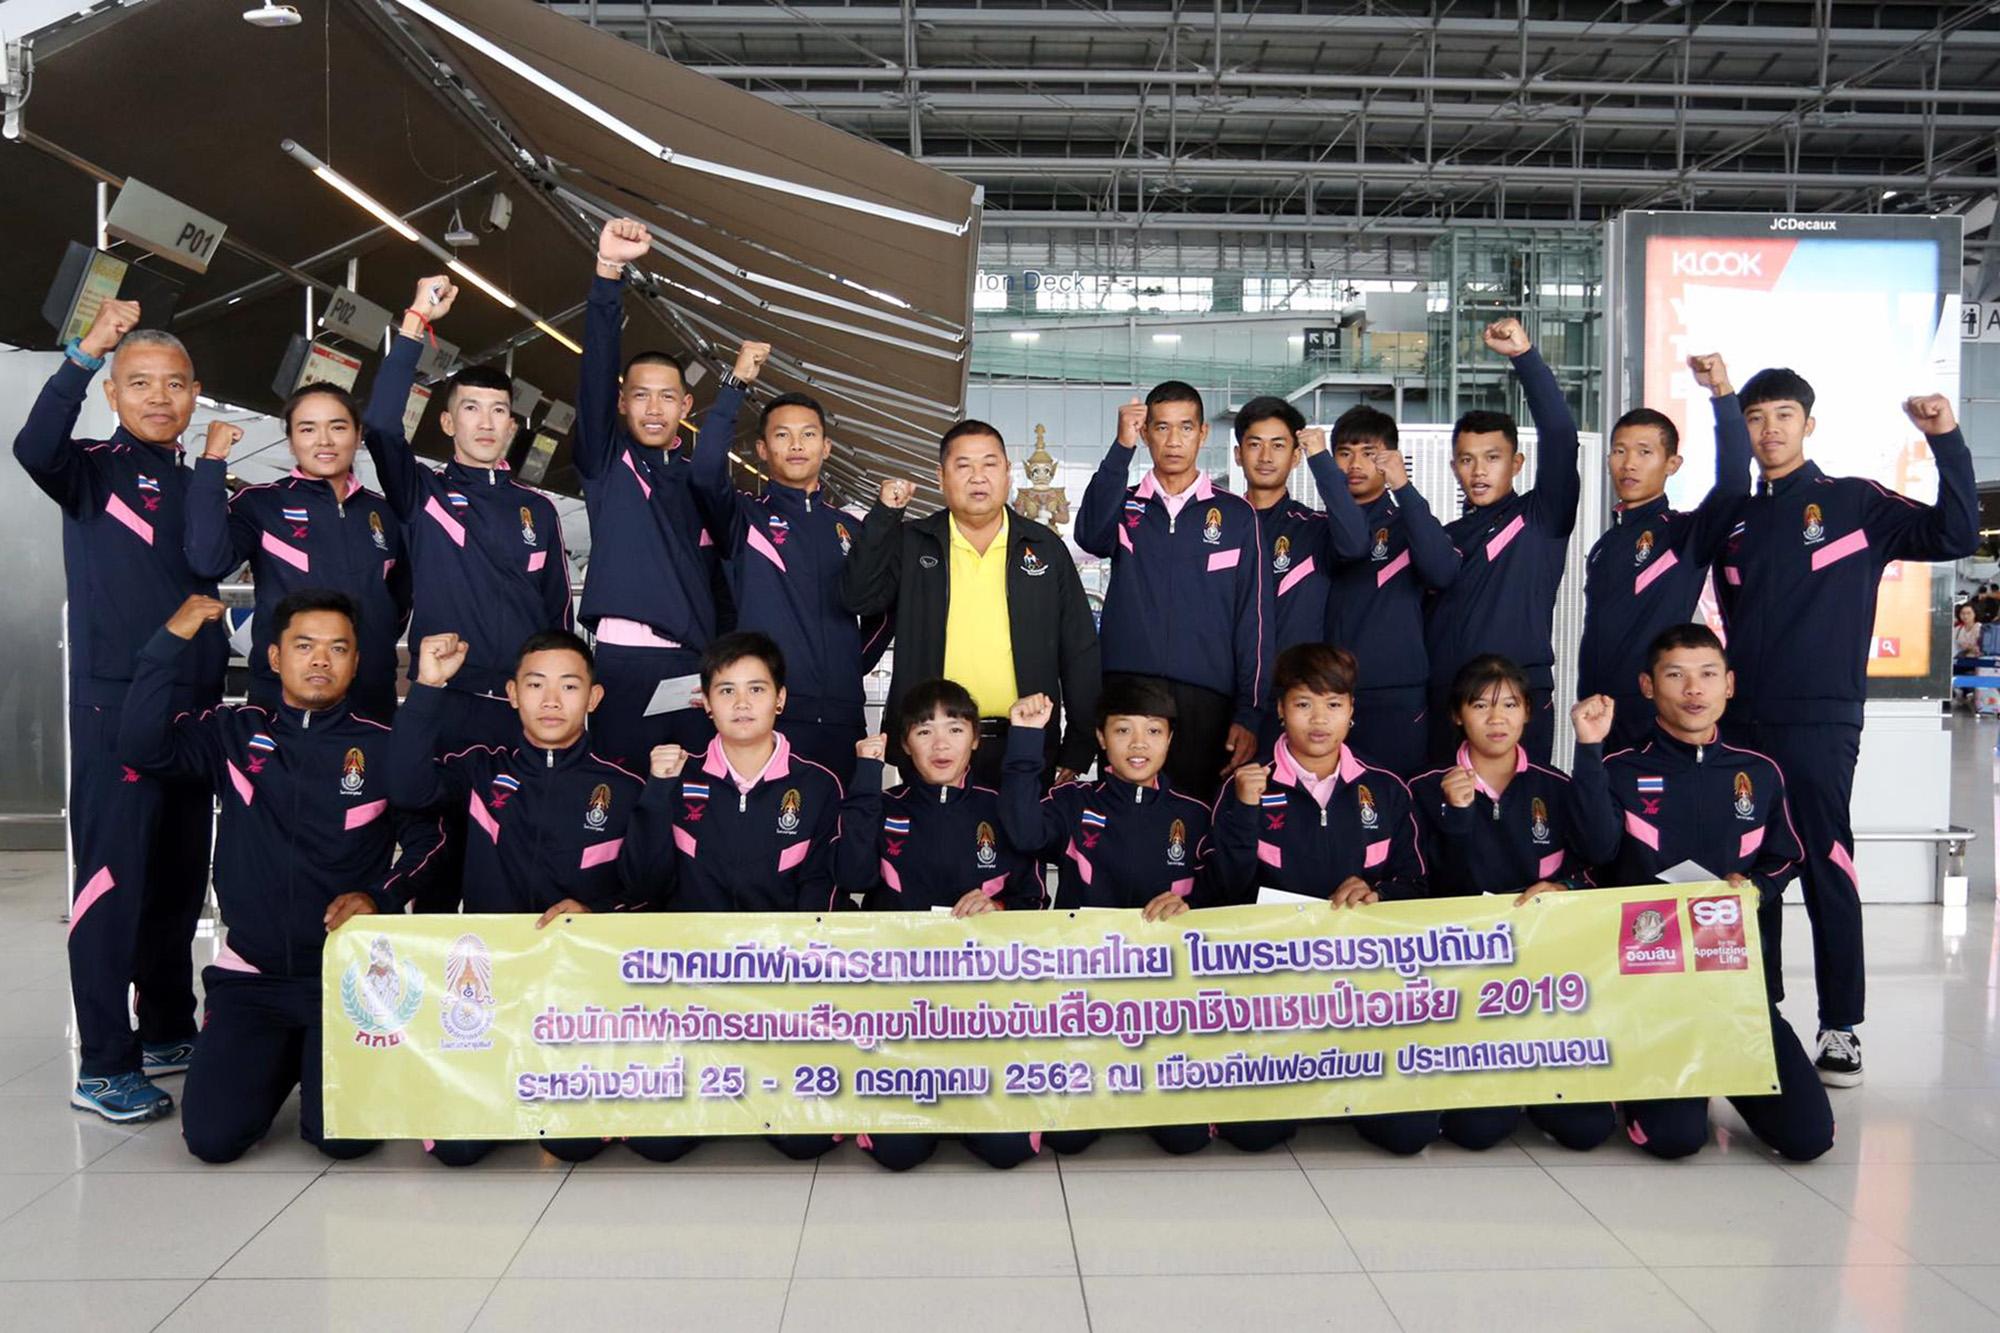 ส่งแรงใจ...ส่งแรงเชียร์..... นักกีฬาเสือภูเขา ทีมชาติไทย